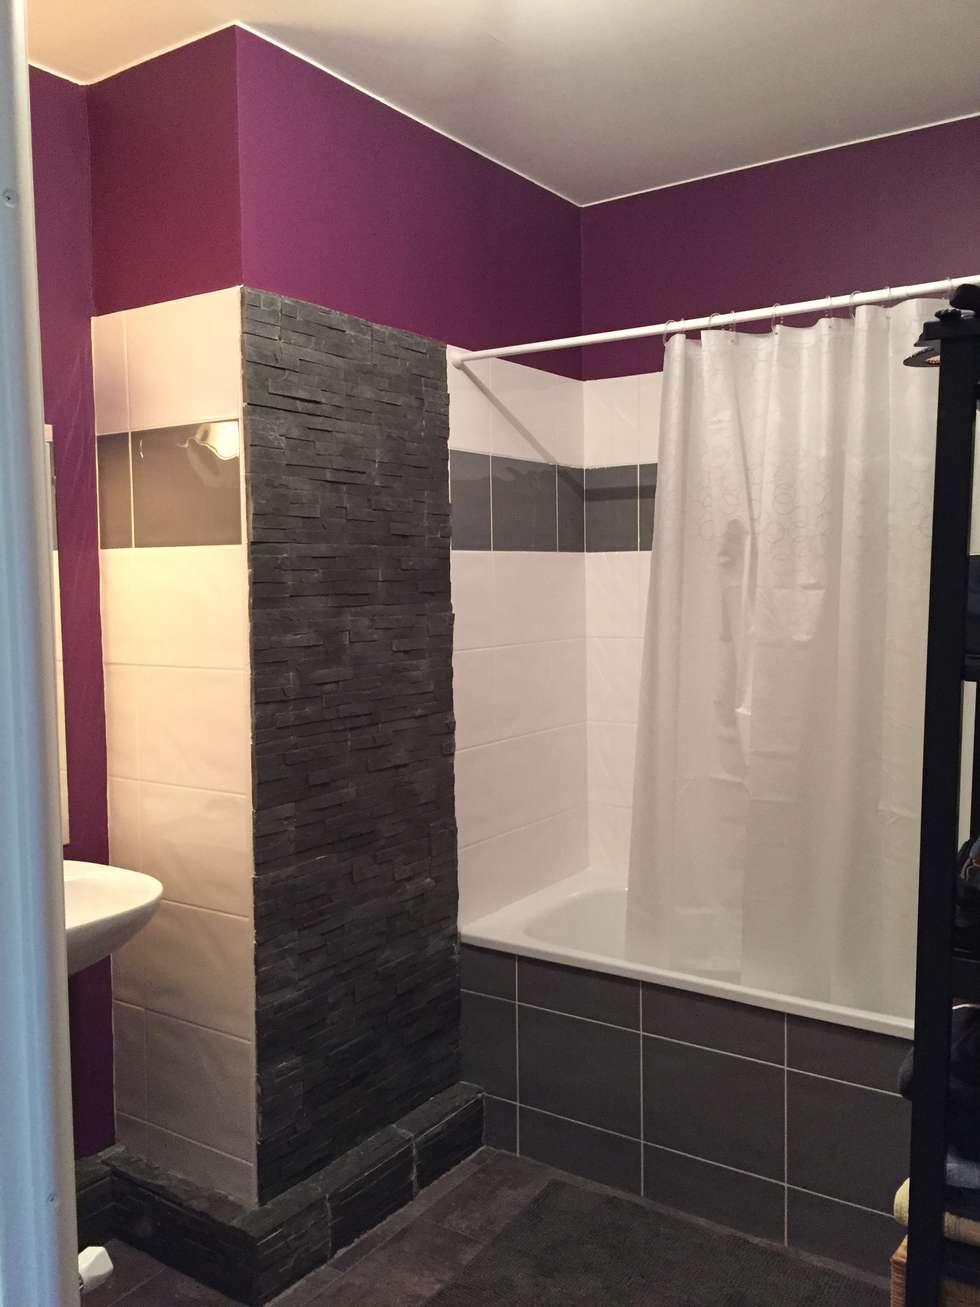 Salle de bain: Salle de bains de style  par Mint Design